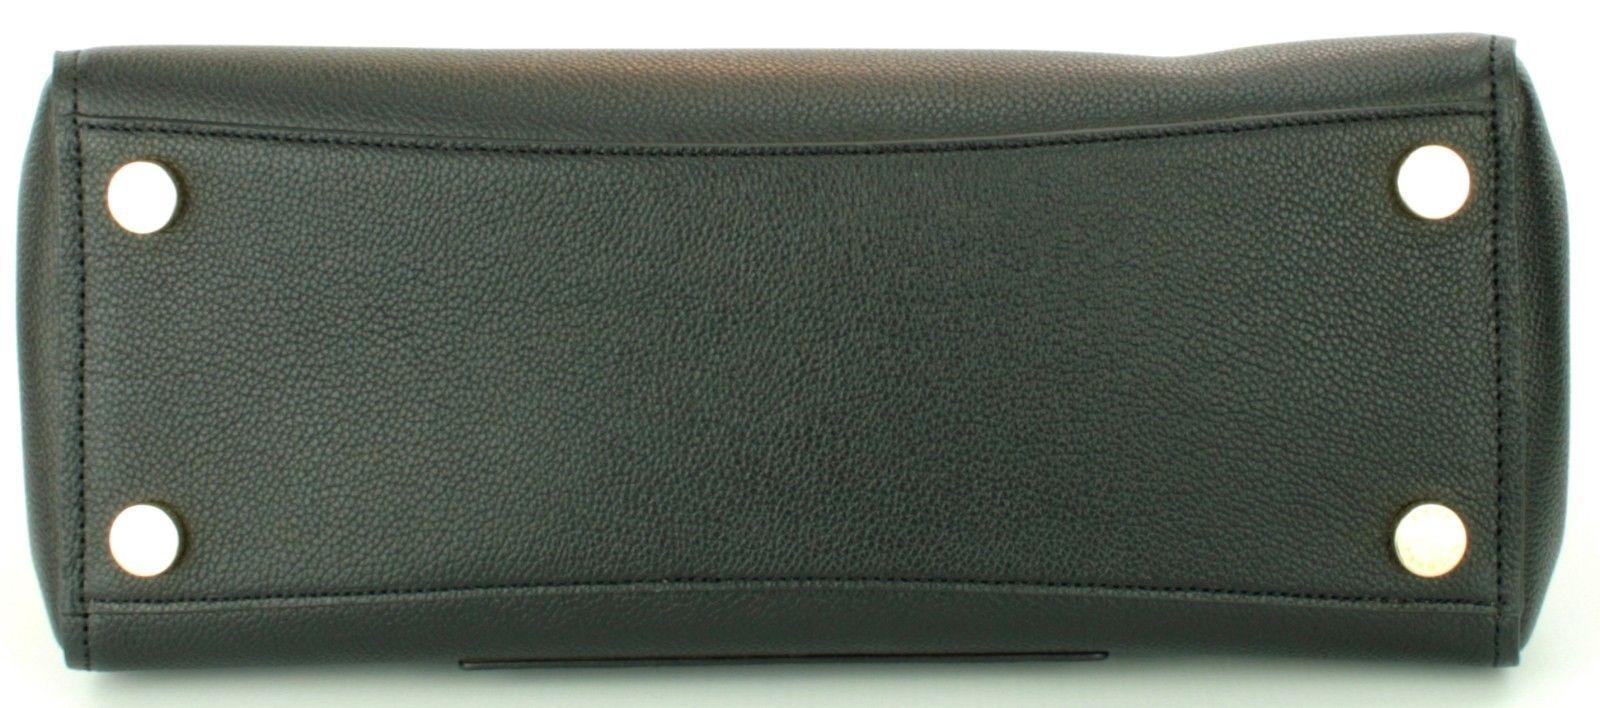 Michael Kors Hayes Black Leather Shoulder Messenger Bag large Handbag